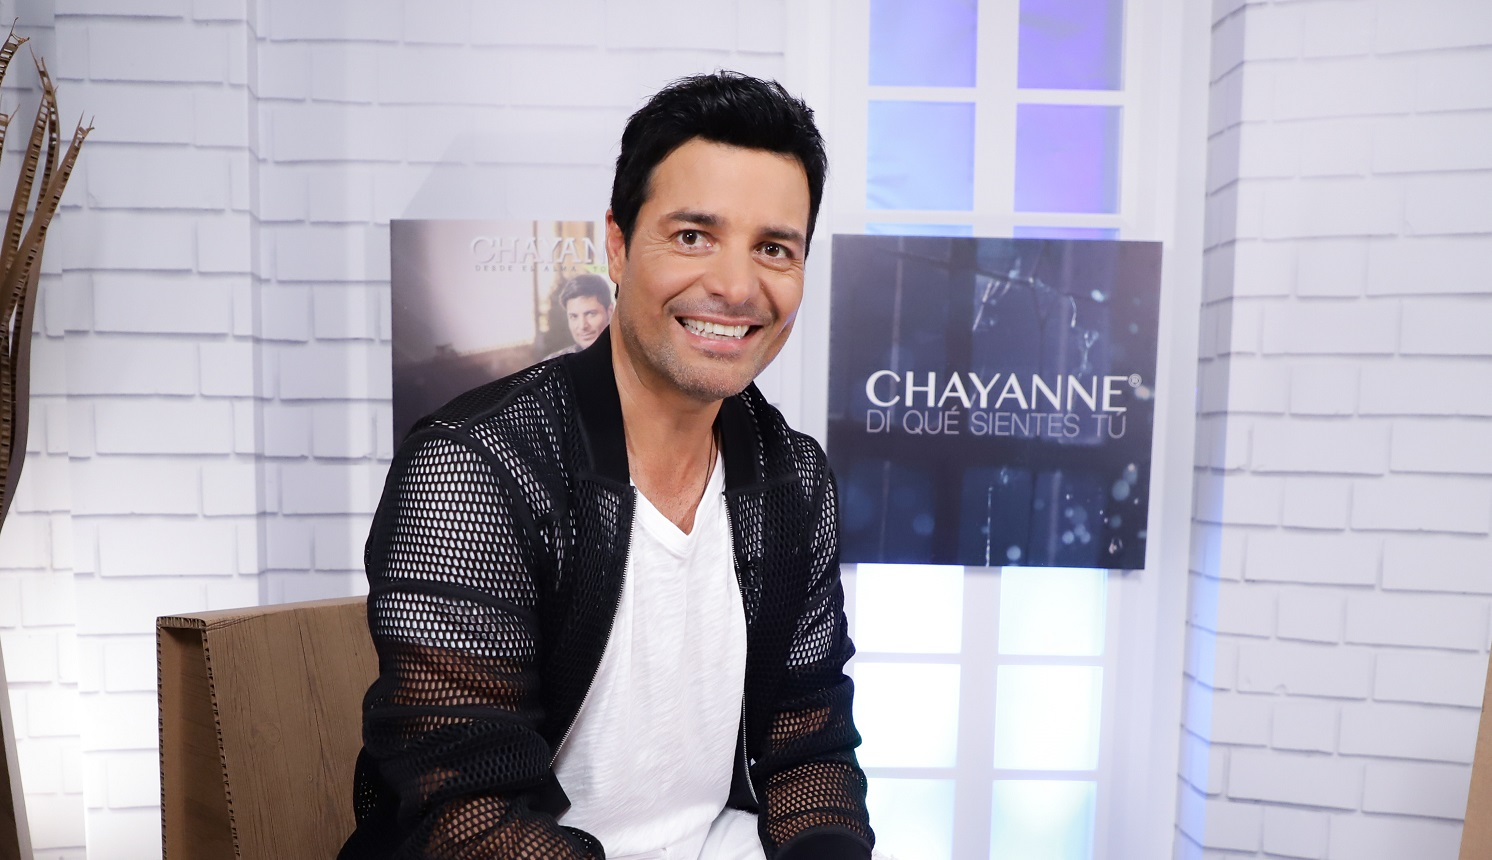 Chayanne: ¿Por qué las mujeres aman al cantante puertorriqueño?